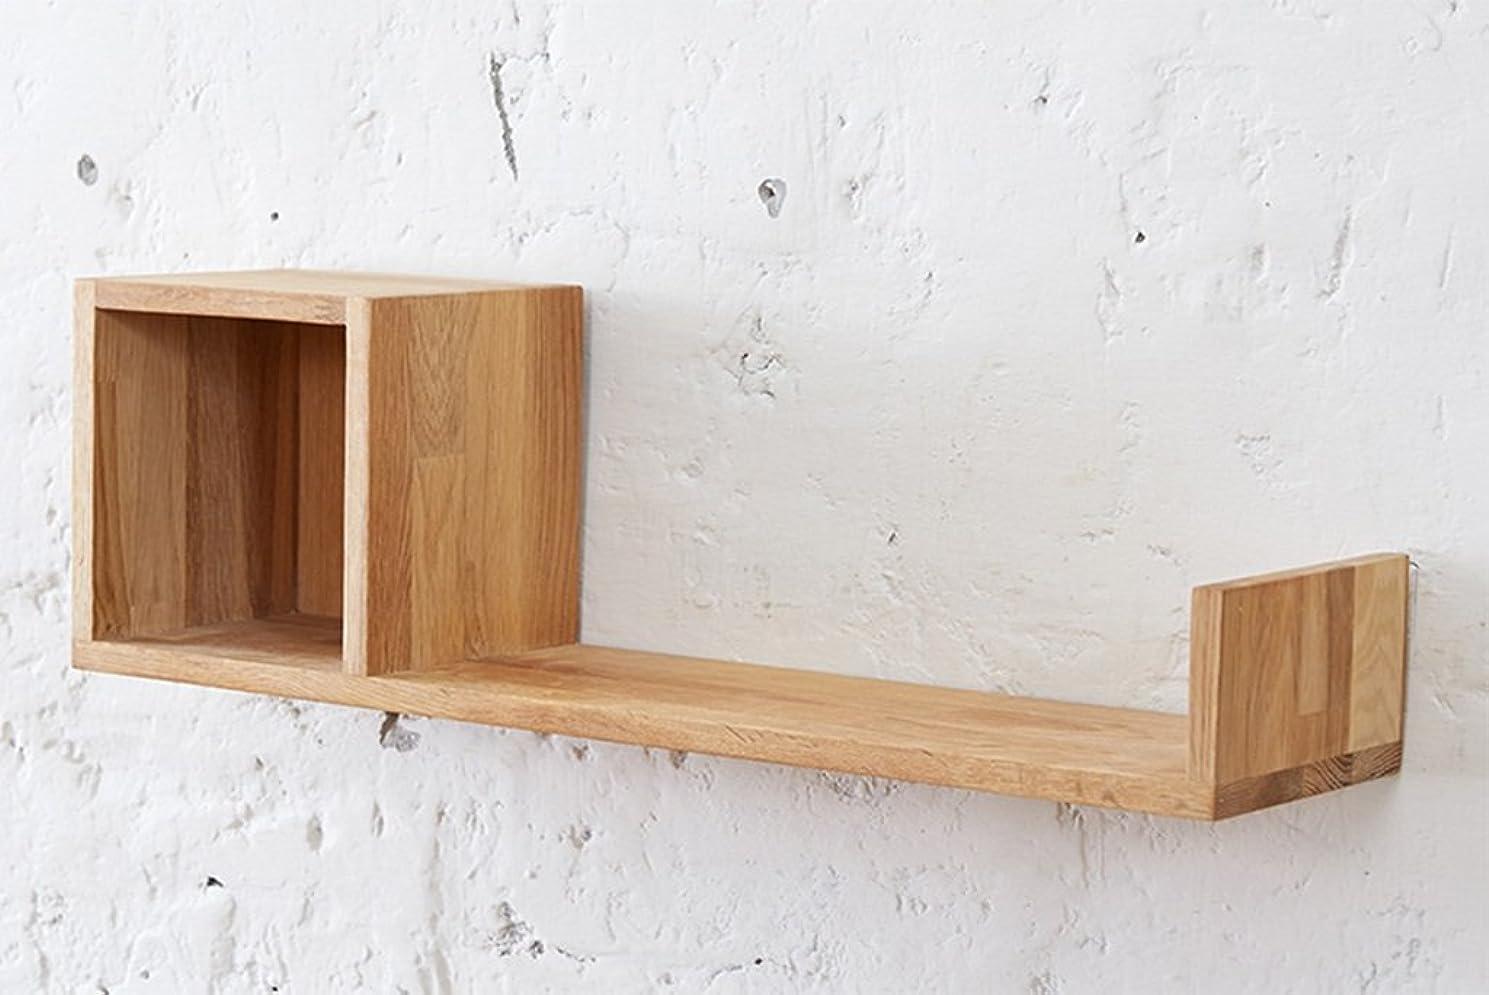 スピンルールアメリカ壁棚、モダンなシンプルなオーク環境保護CDラック、木製の壁の棚ブラケット、装飾ディスプレイ ウォールマウント (Color : #1)